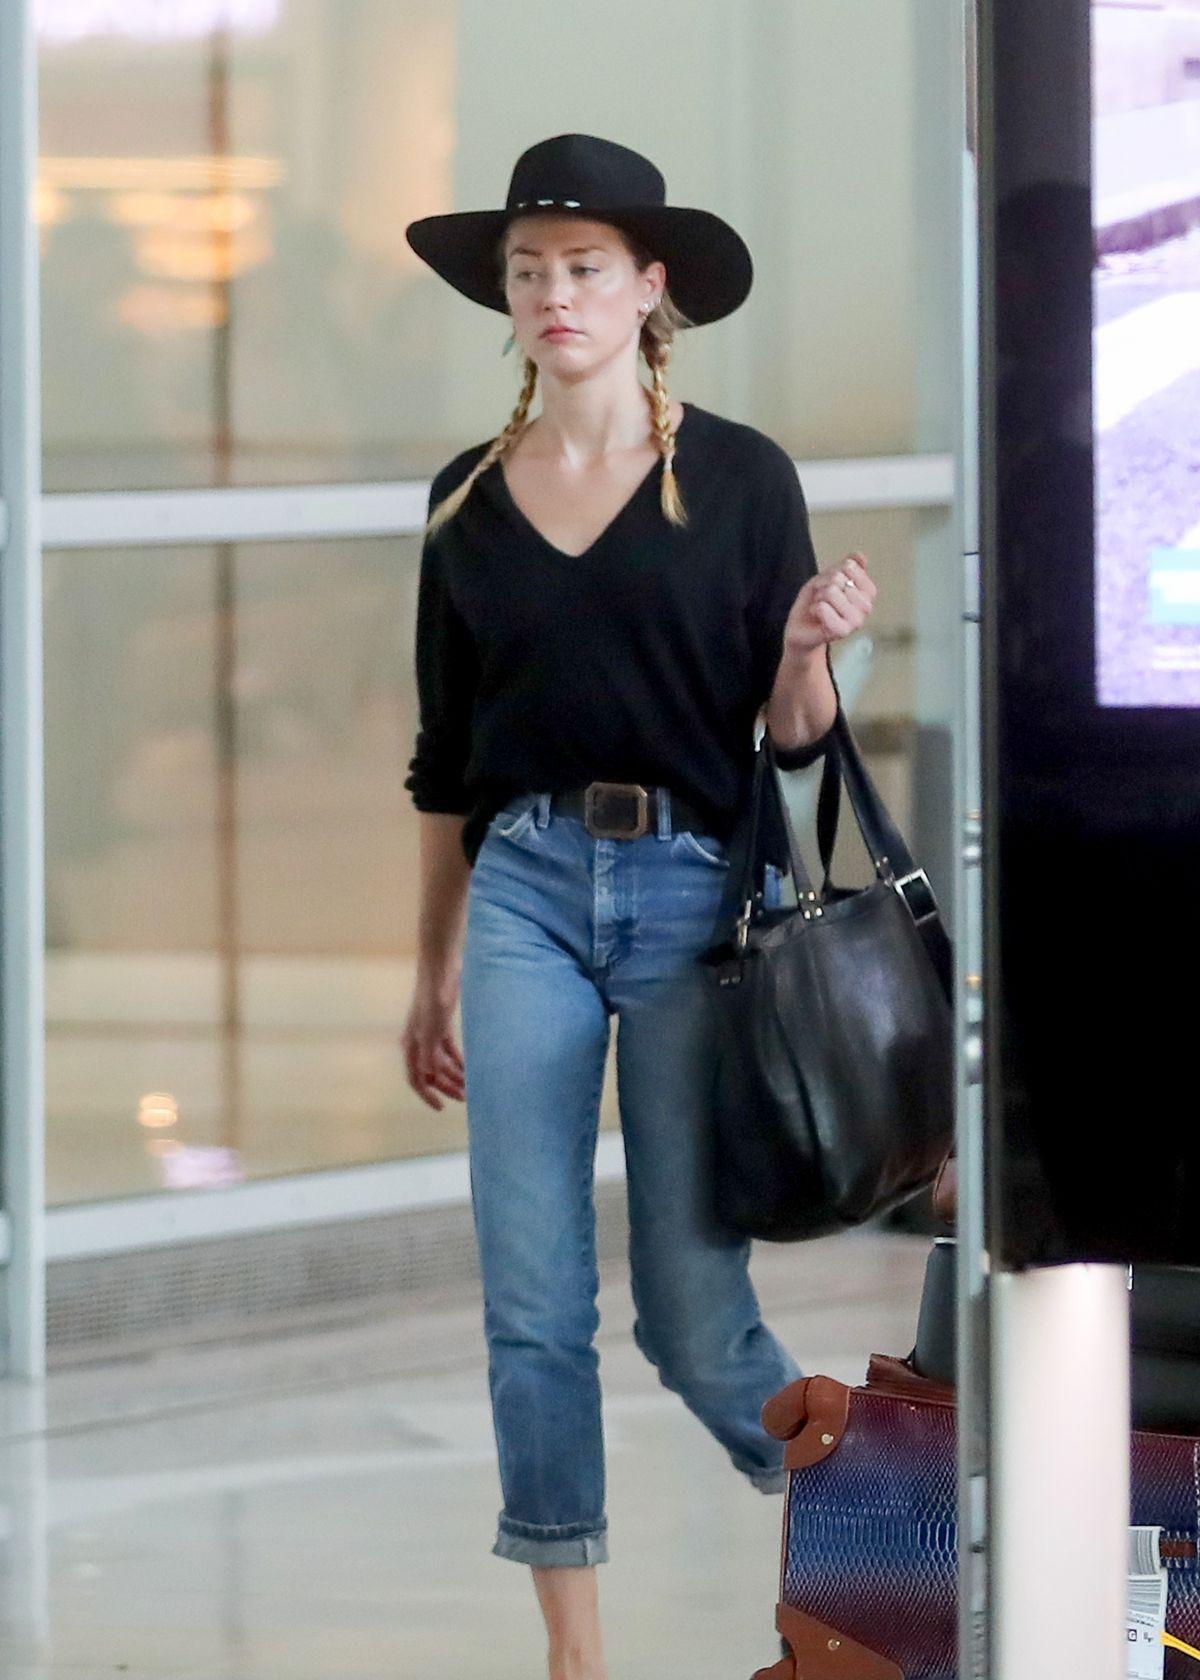 艾梅柏·希尔德素颜现身机场,网友:德普前妻确实很会穿搭!